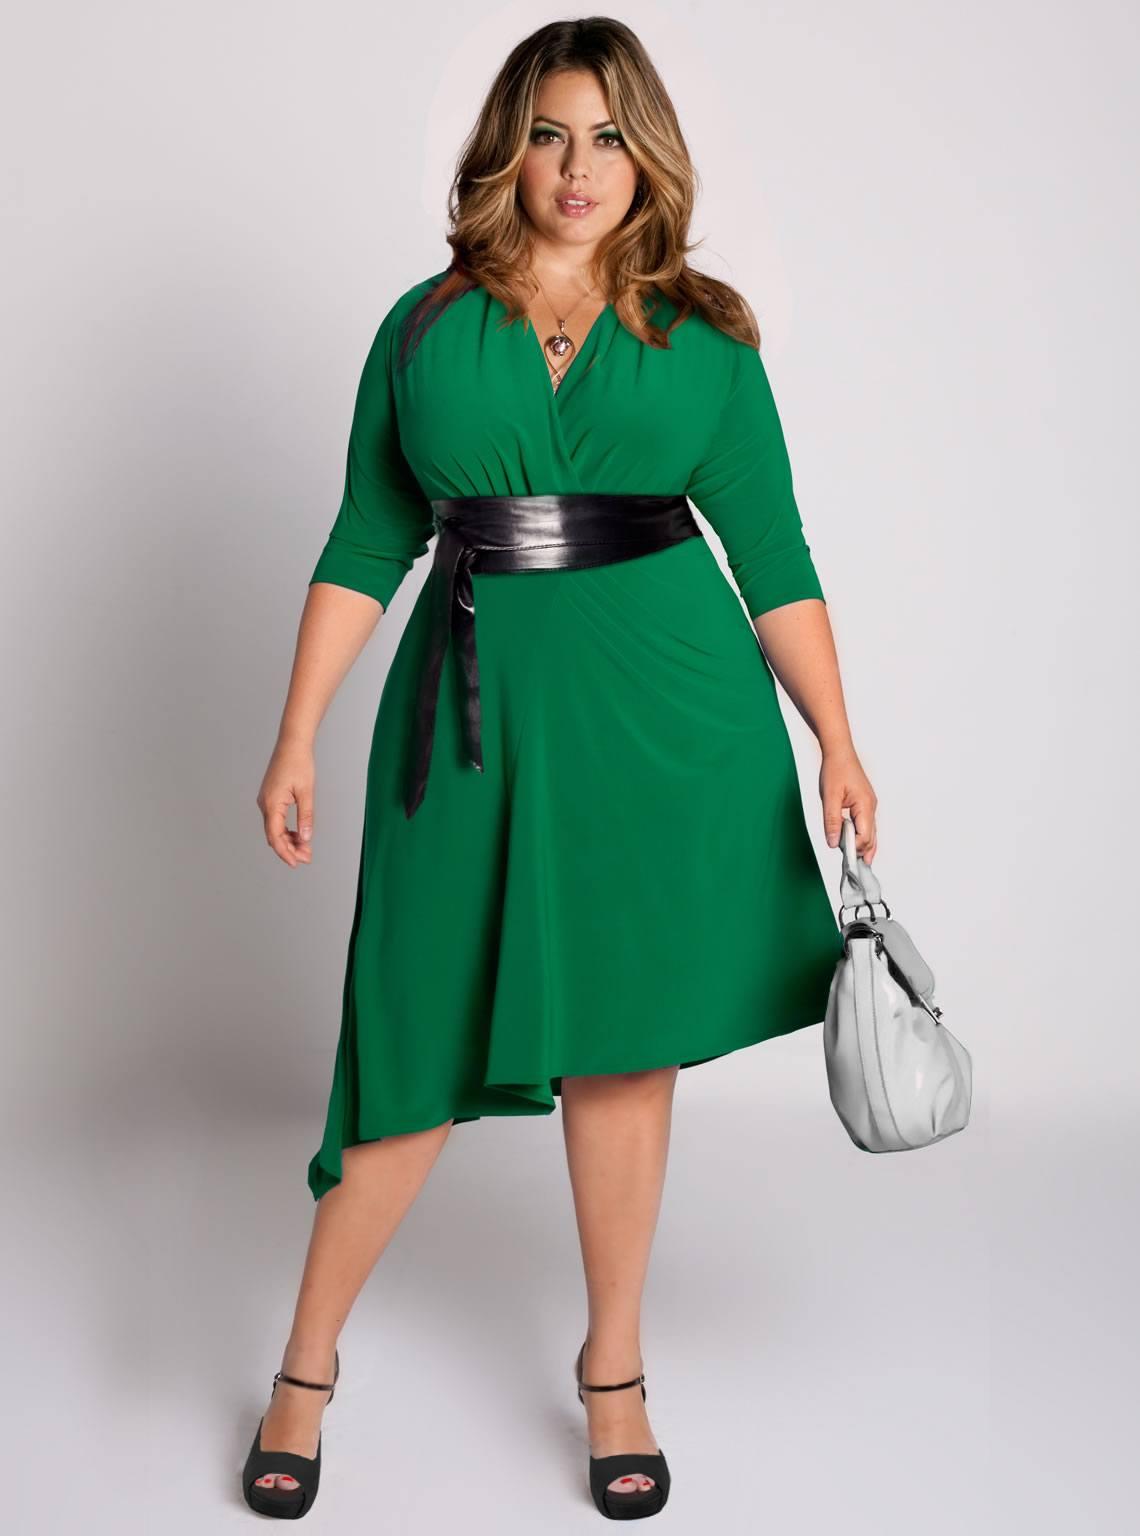 Безпрограшний варіант для повних дам – моделі із завищеною талією. Вони  підкреслюють пишний бюст дівчат з фігурою типу «груша» або «яблуко». 01edbdafc47c7